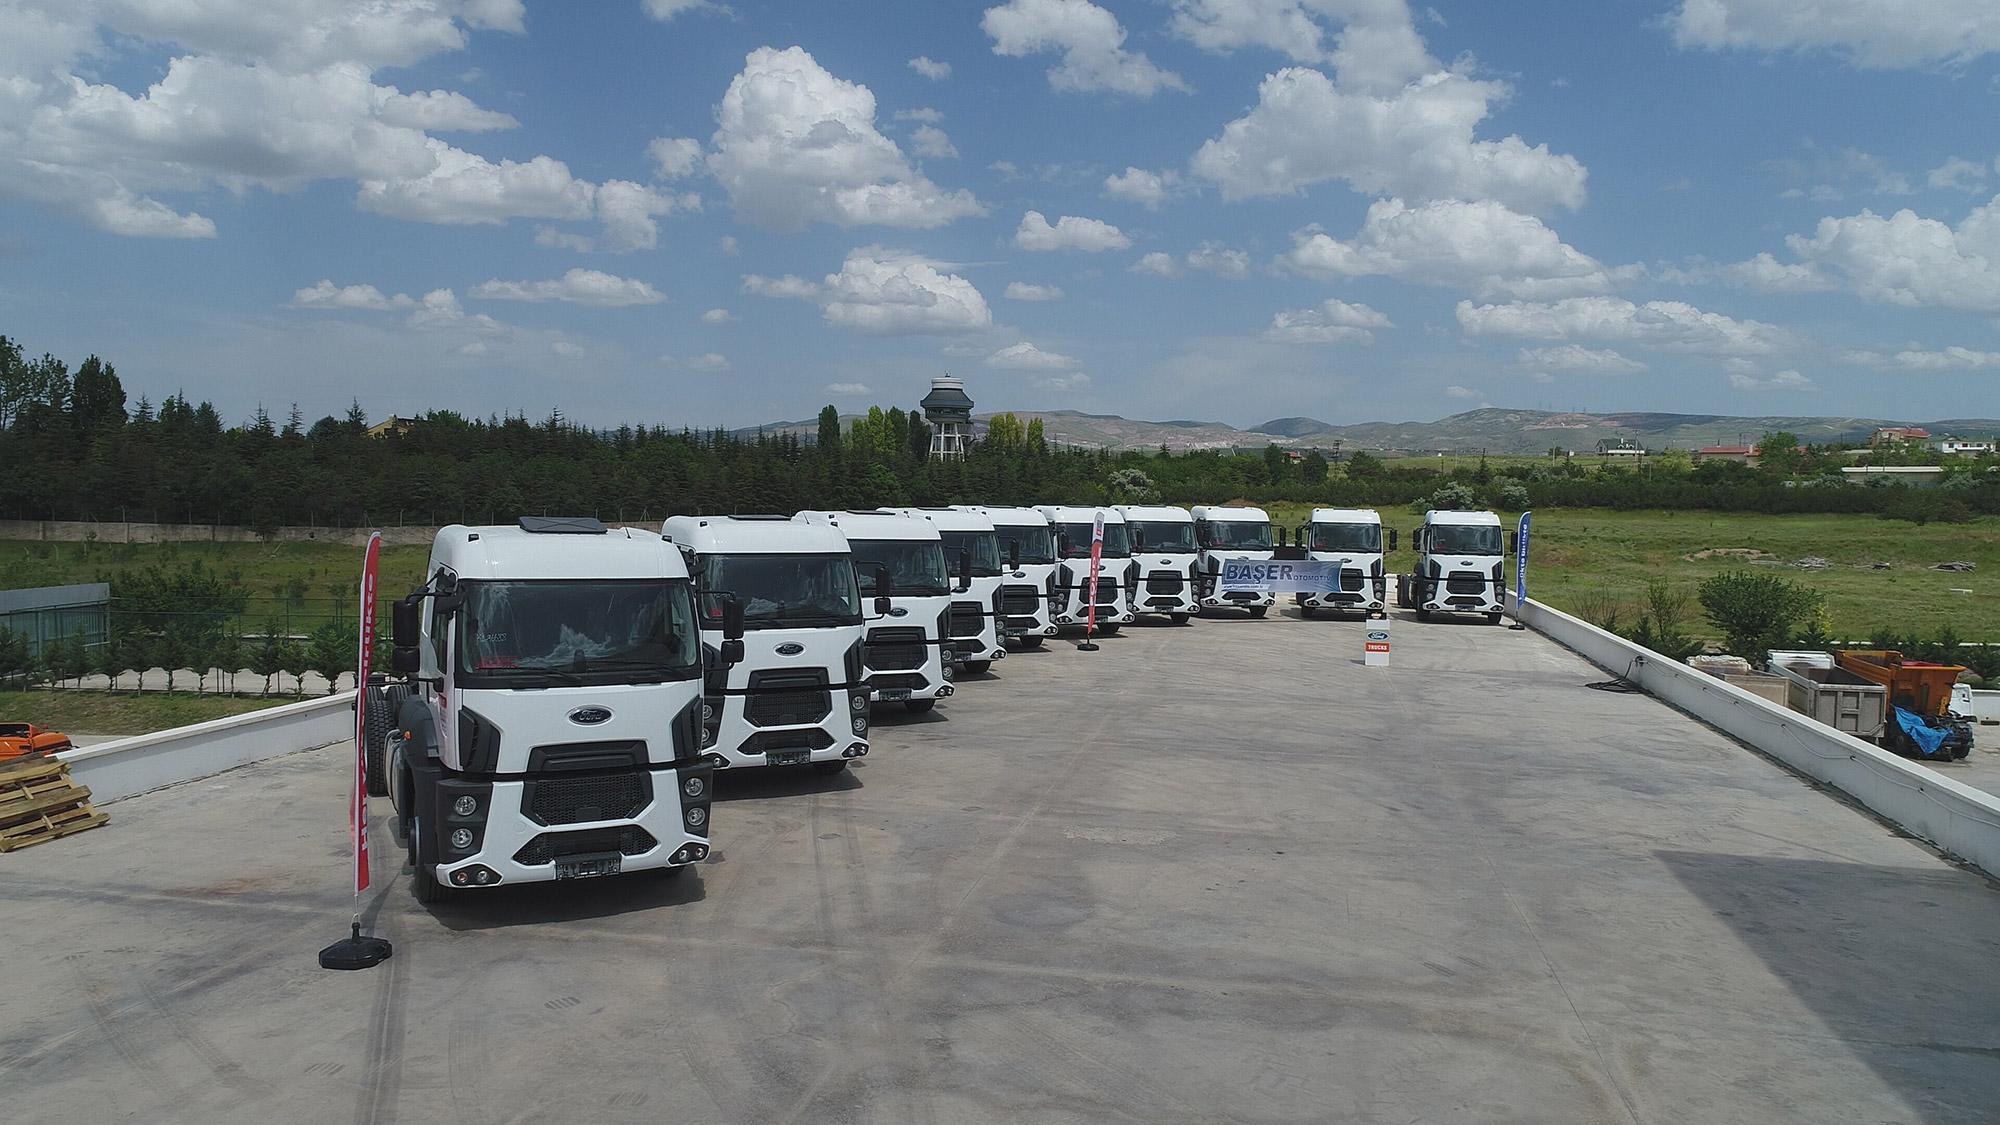 akkoc-ford-trucks-teslimat-toreni.jpg